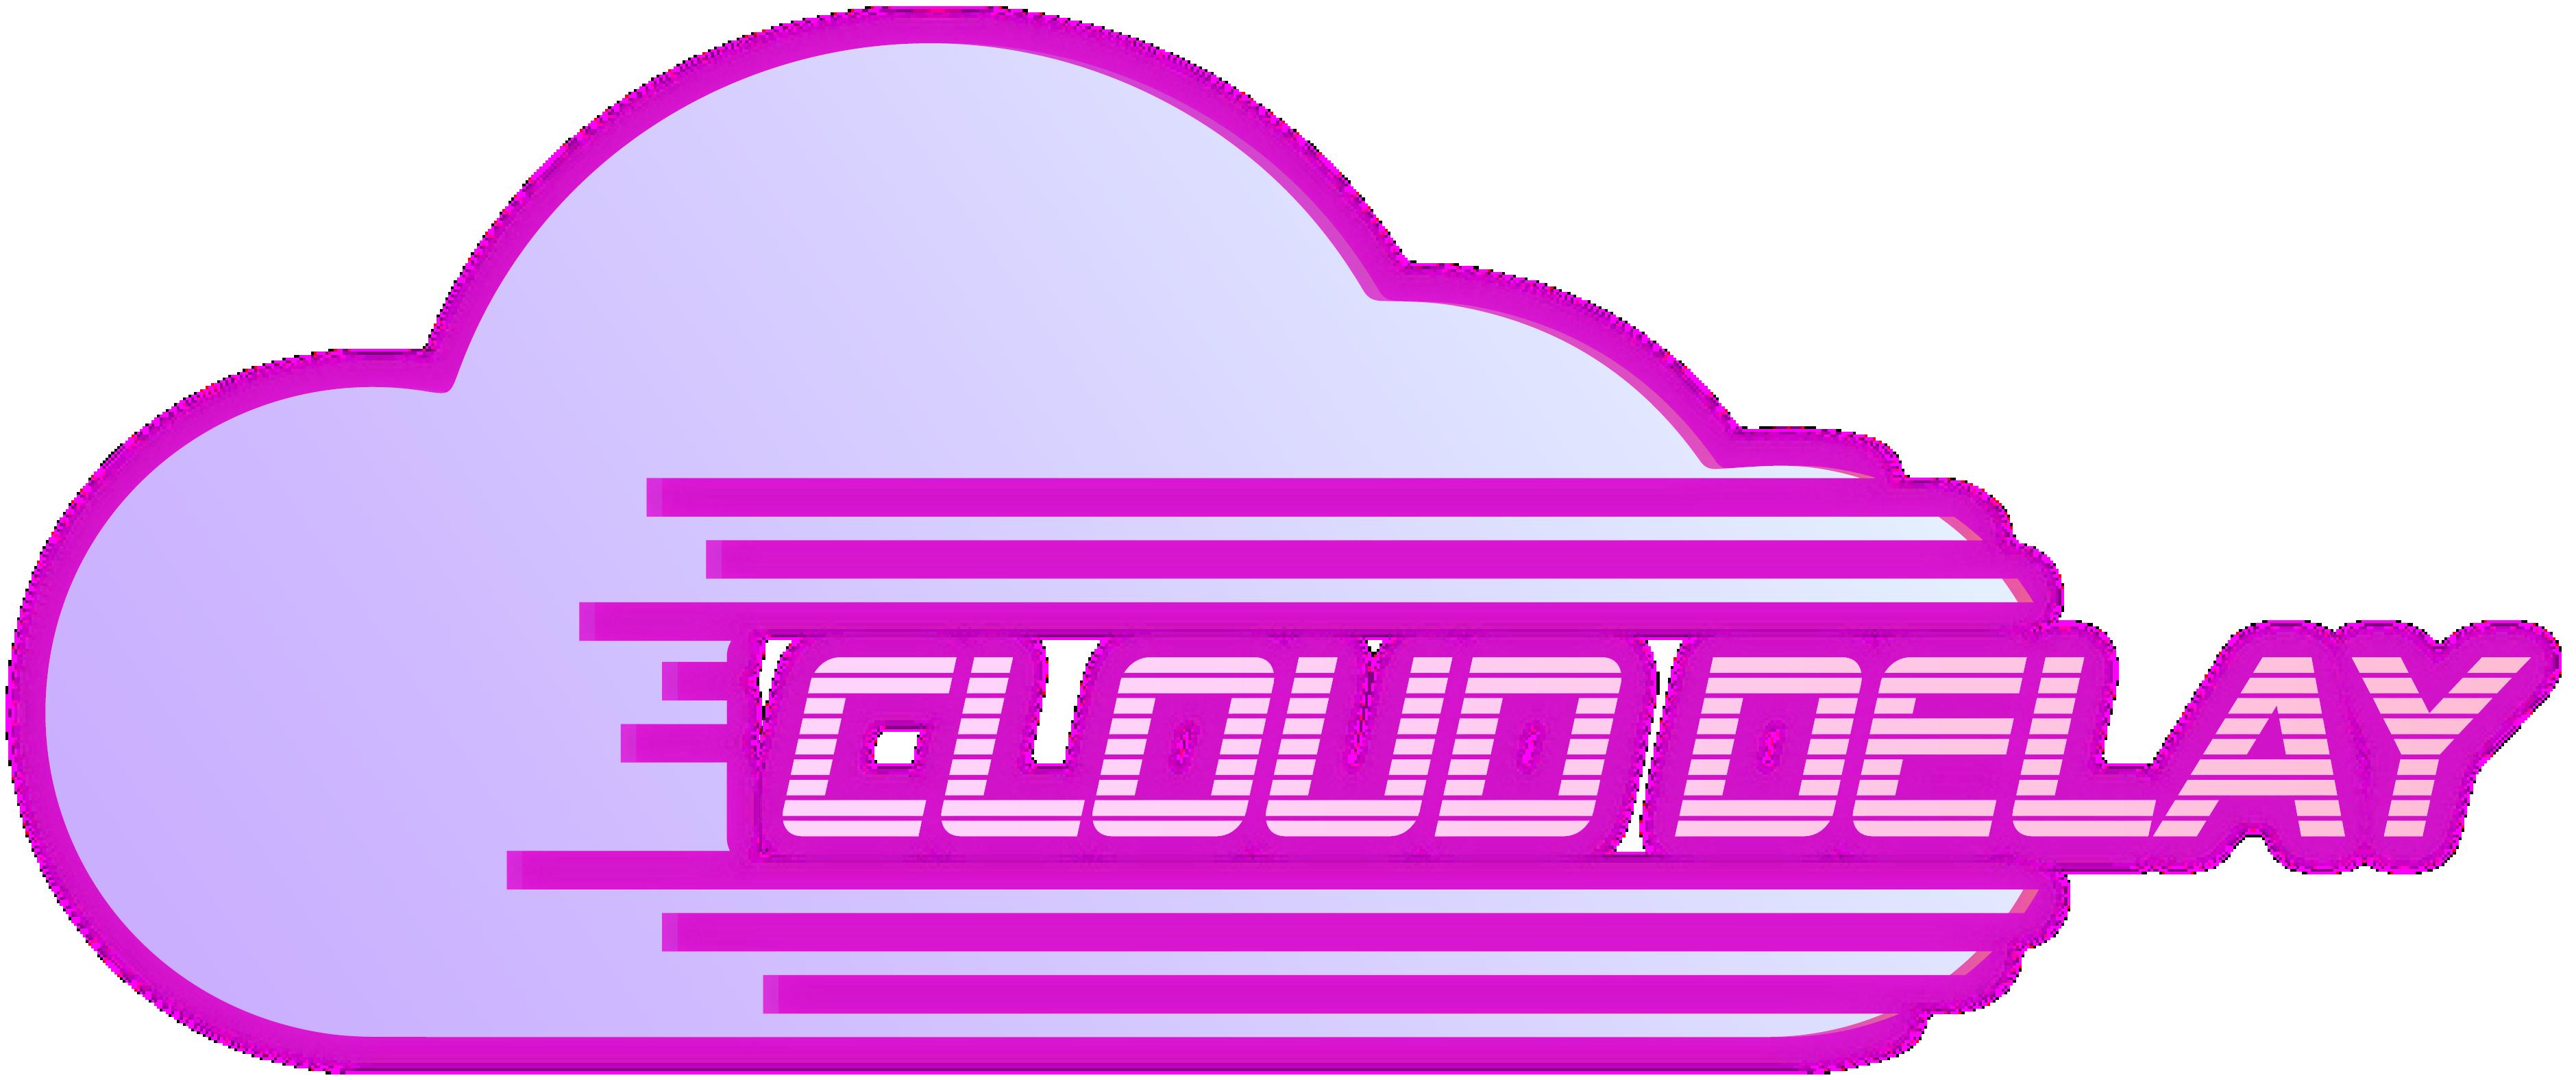 Логотип музыкального проекта и обложка сингла фото f_3795b674a79dfe18.png